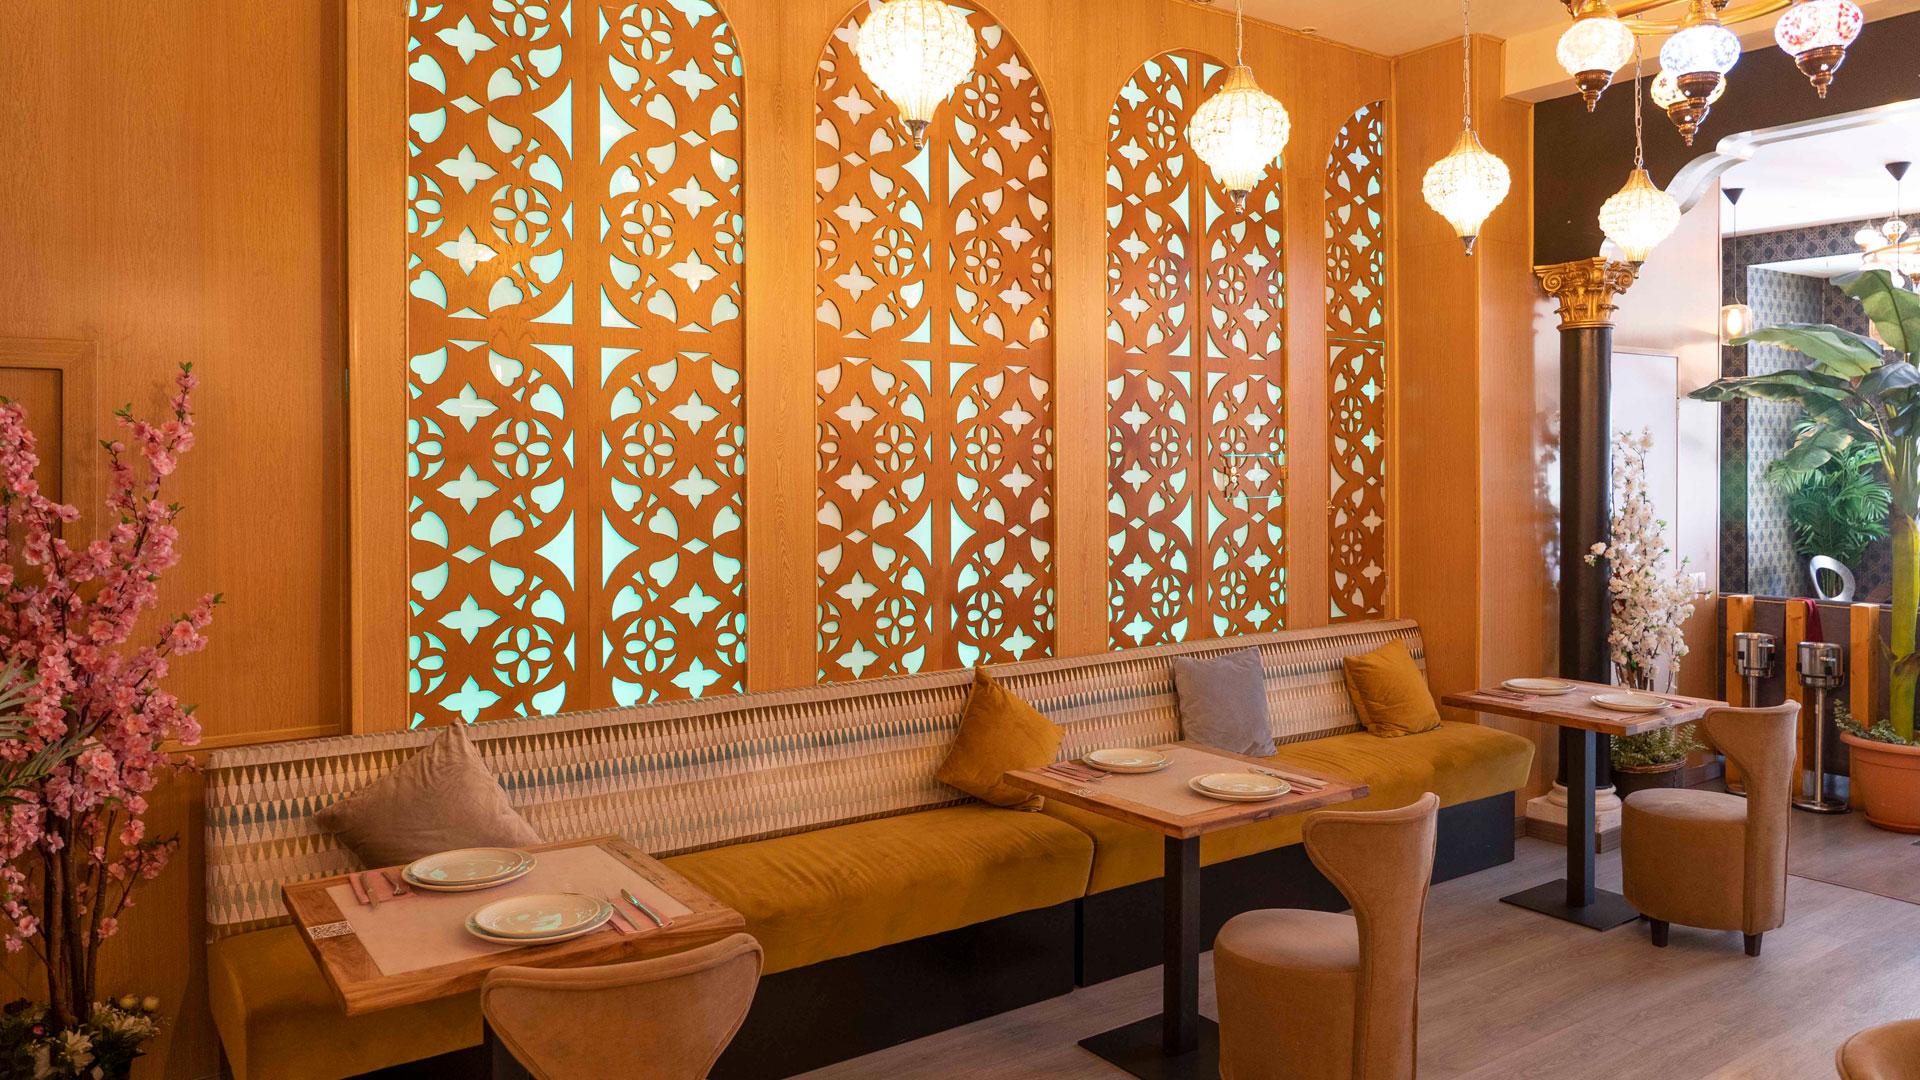 Imagen del restaurante Doli